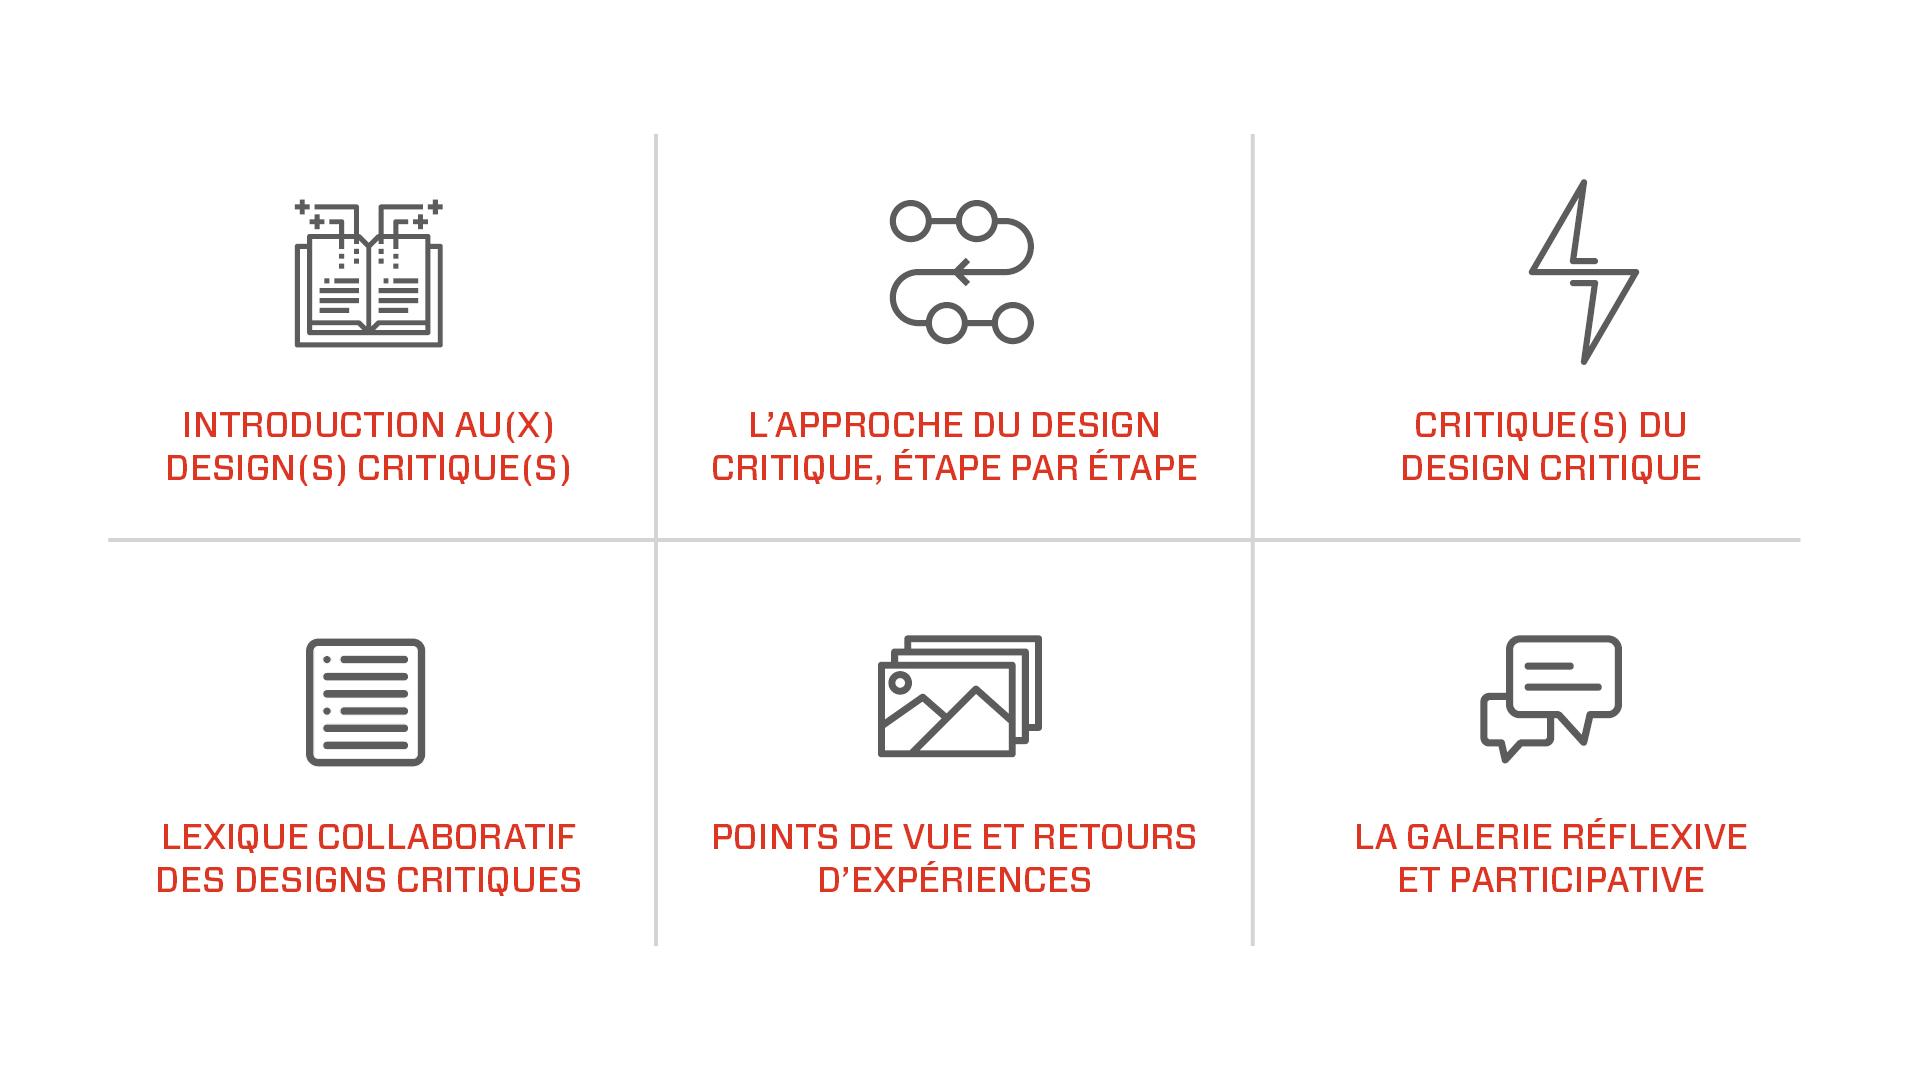 Architecture du module Design(s) Critique(s) : Introduction au(x) design(s) critique(s), L'approche du design critique - étape par étape, Critique(s) du design critique, Lexique collaboratif des designs critiques, Points de vue et retours d'expériences, Galerie réflexive et participative